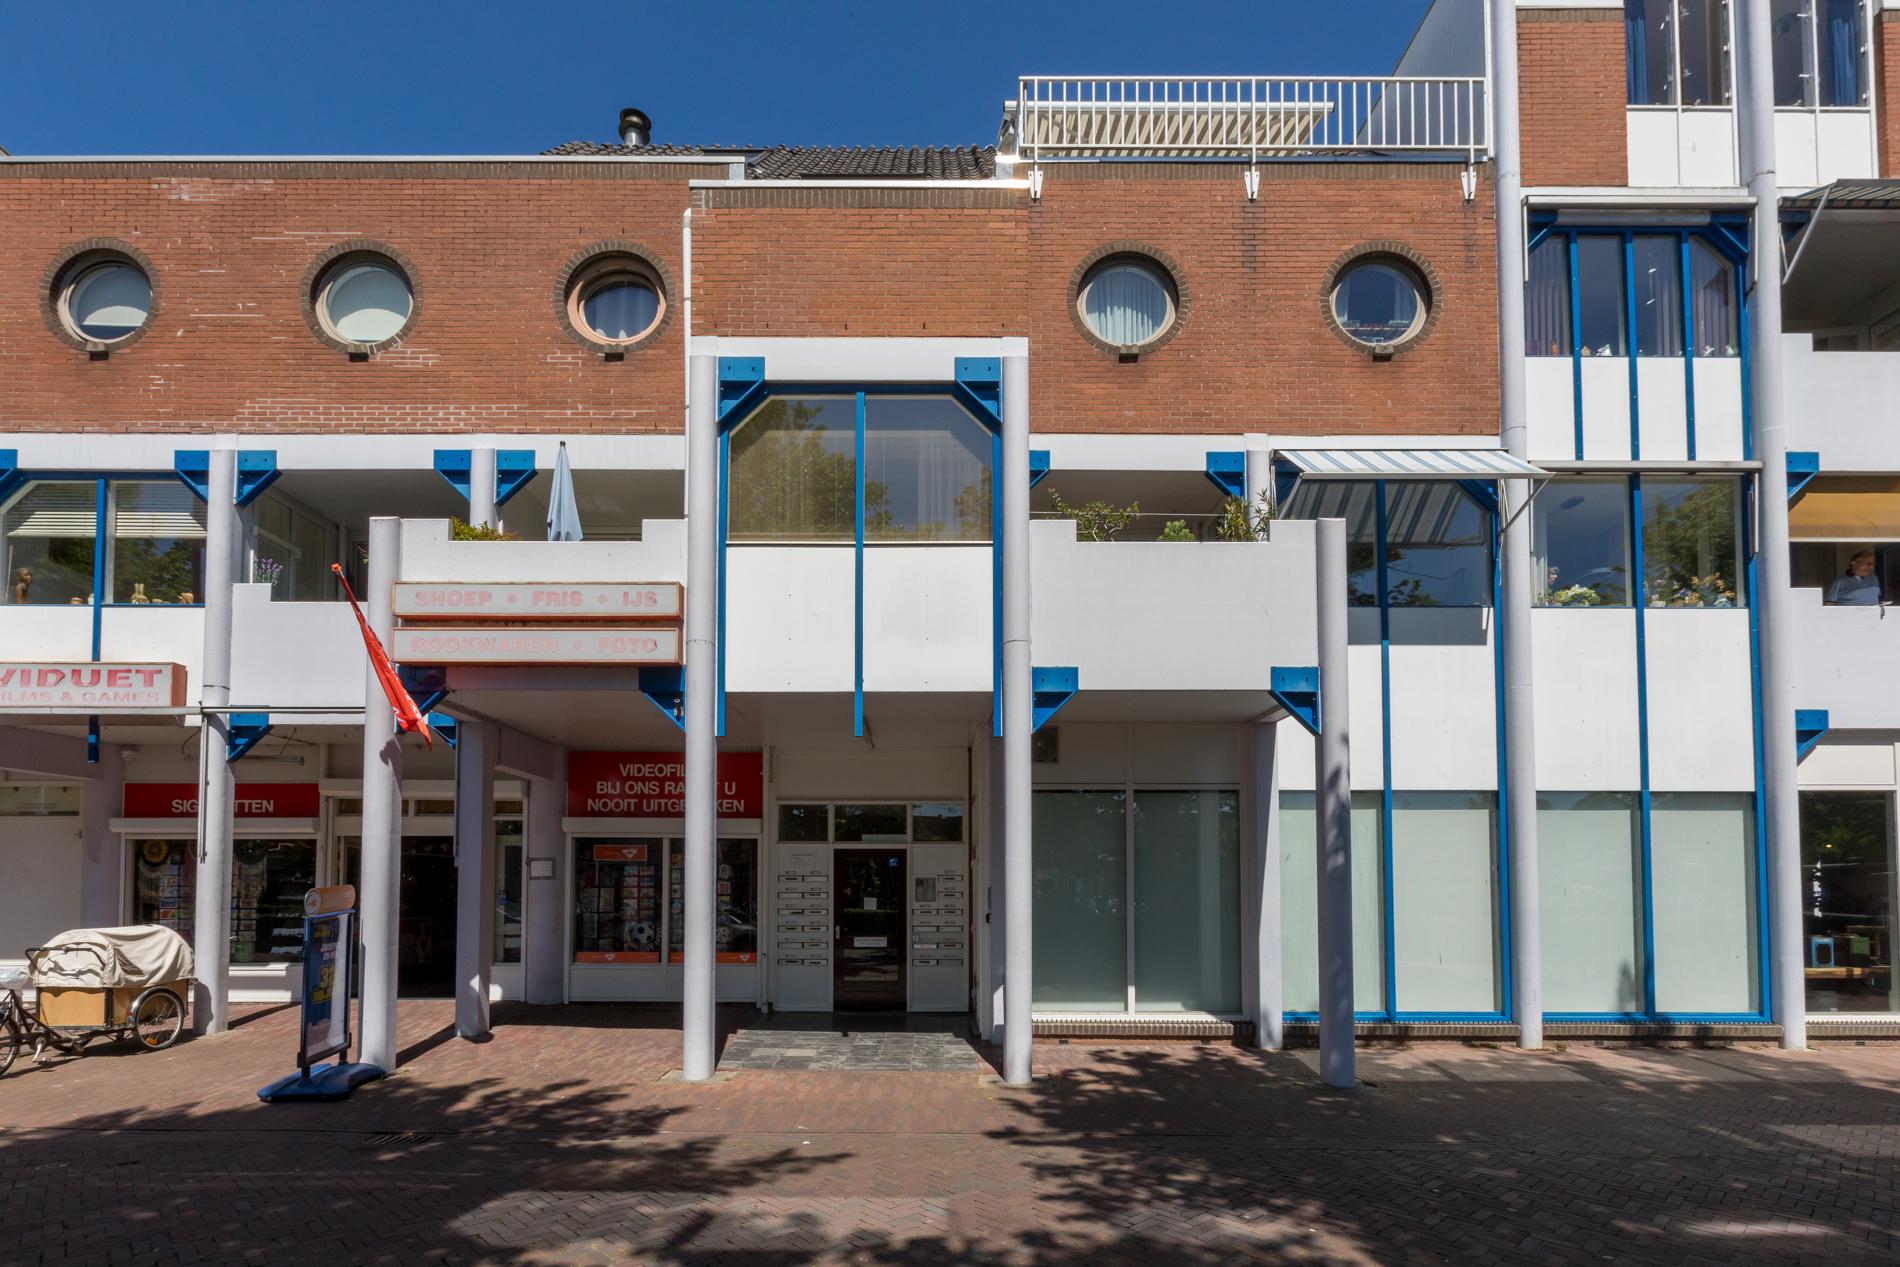 centrale hal Beenhouwerssingel 27 Middelburg ism makelaars